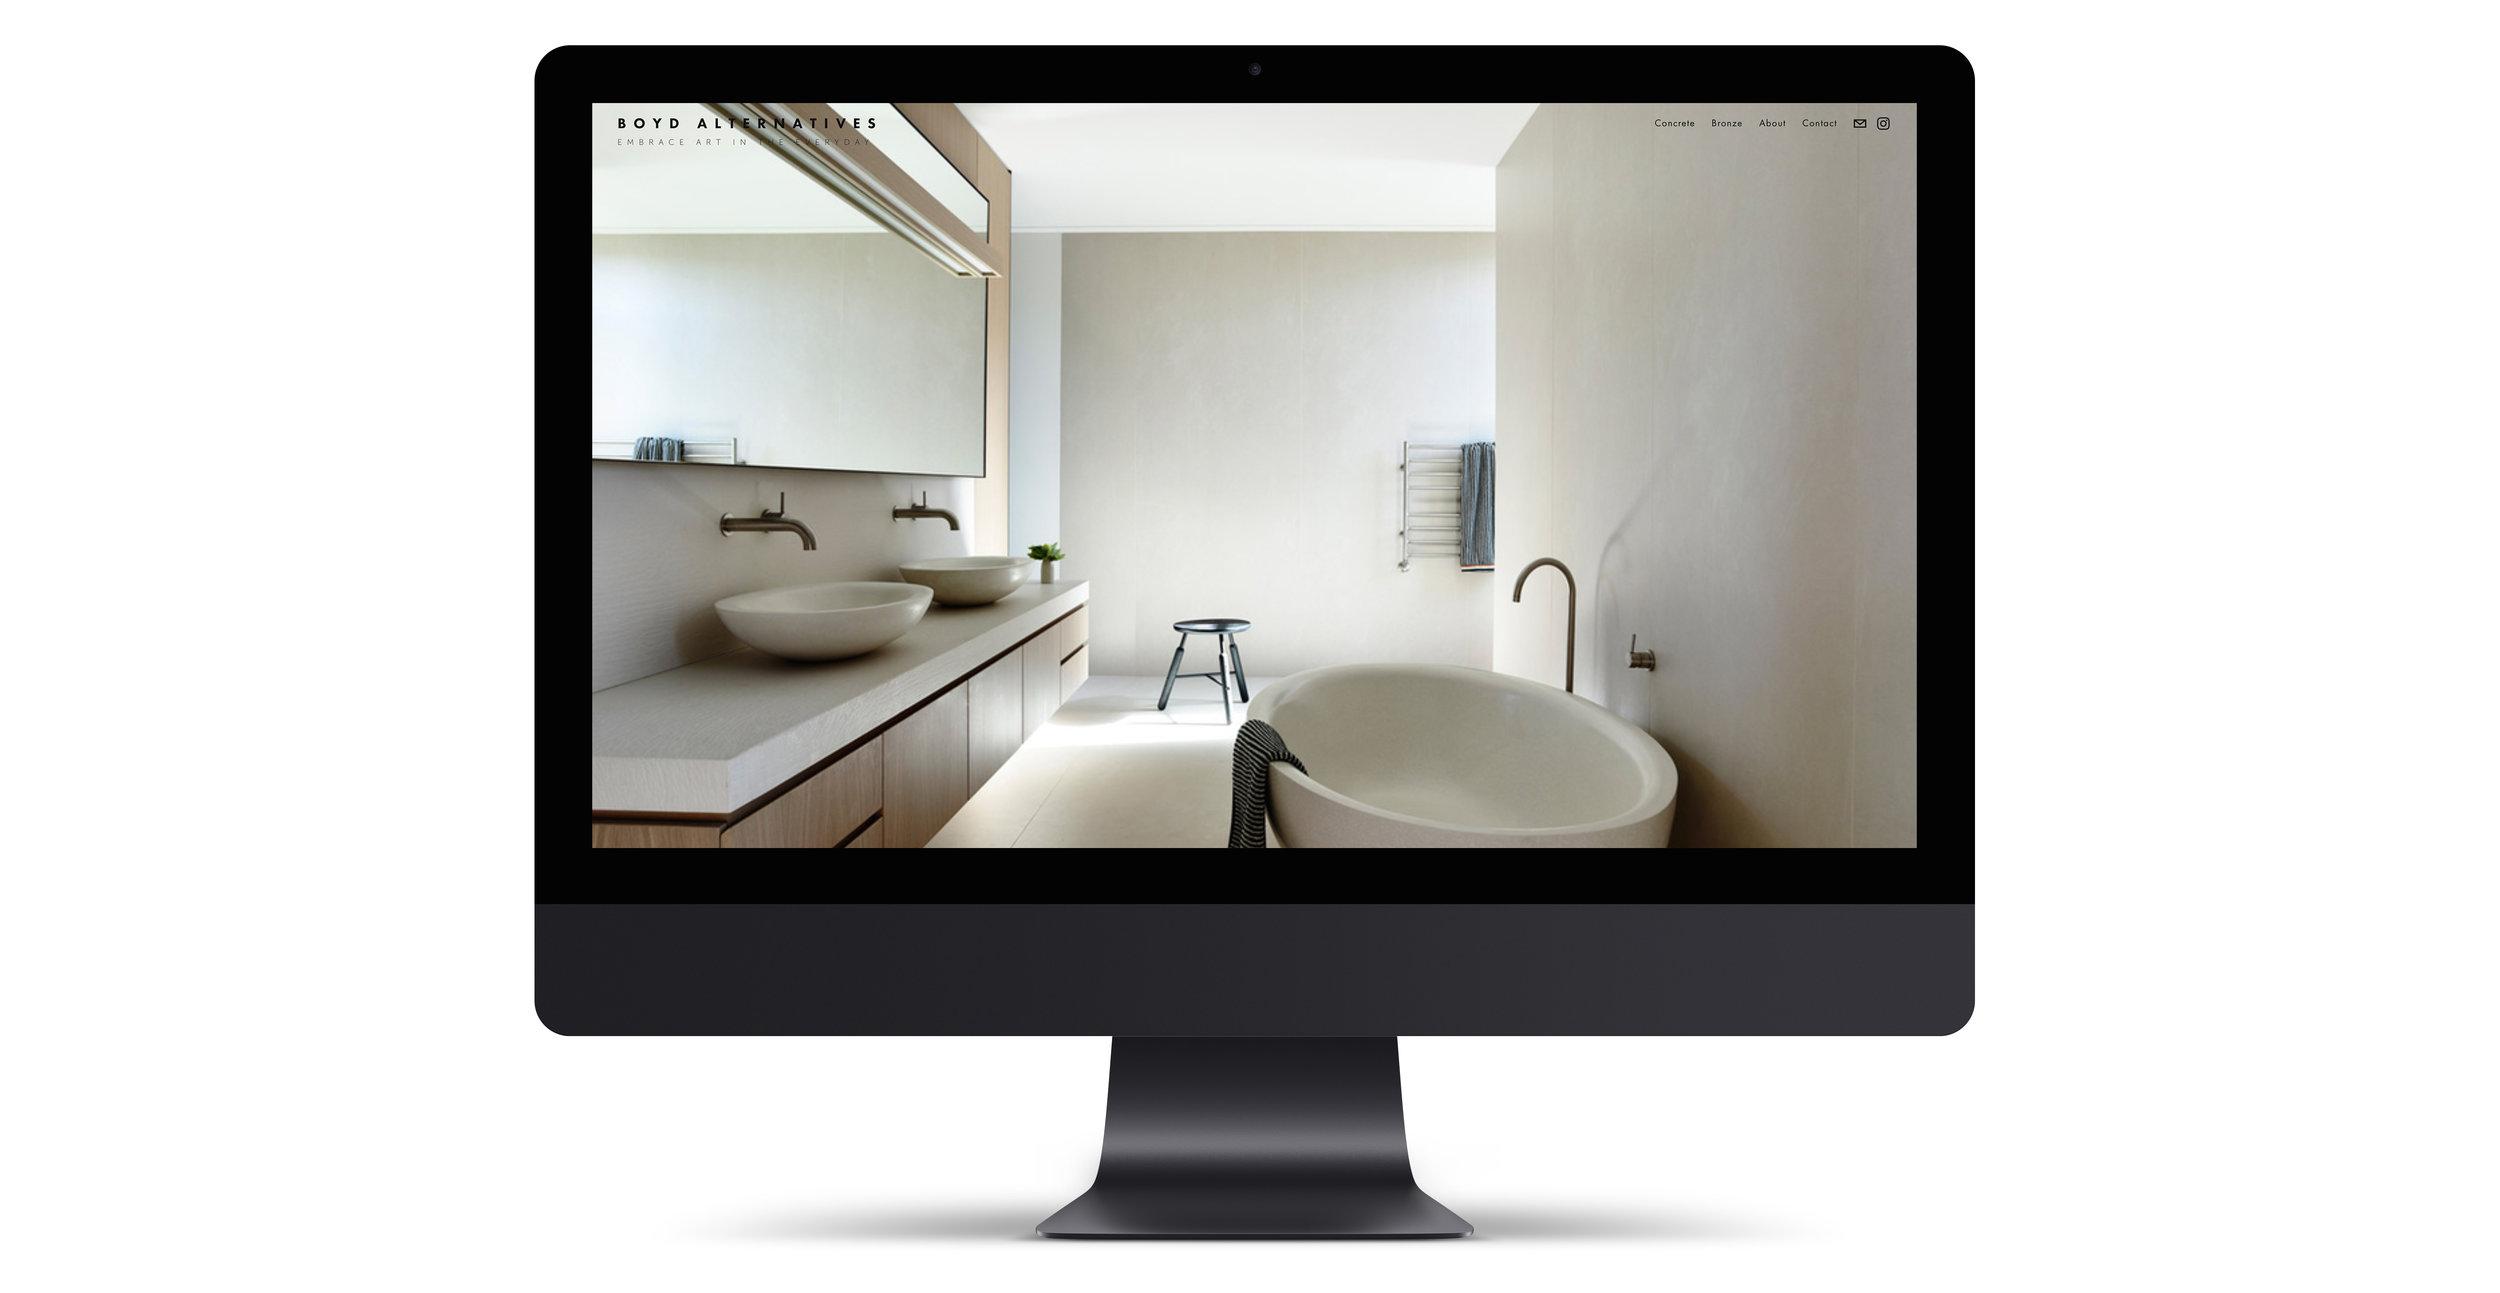 iMac-Pro-Mockup_websites_BoydAlternatives2.jpg